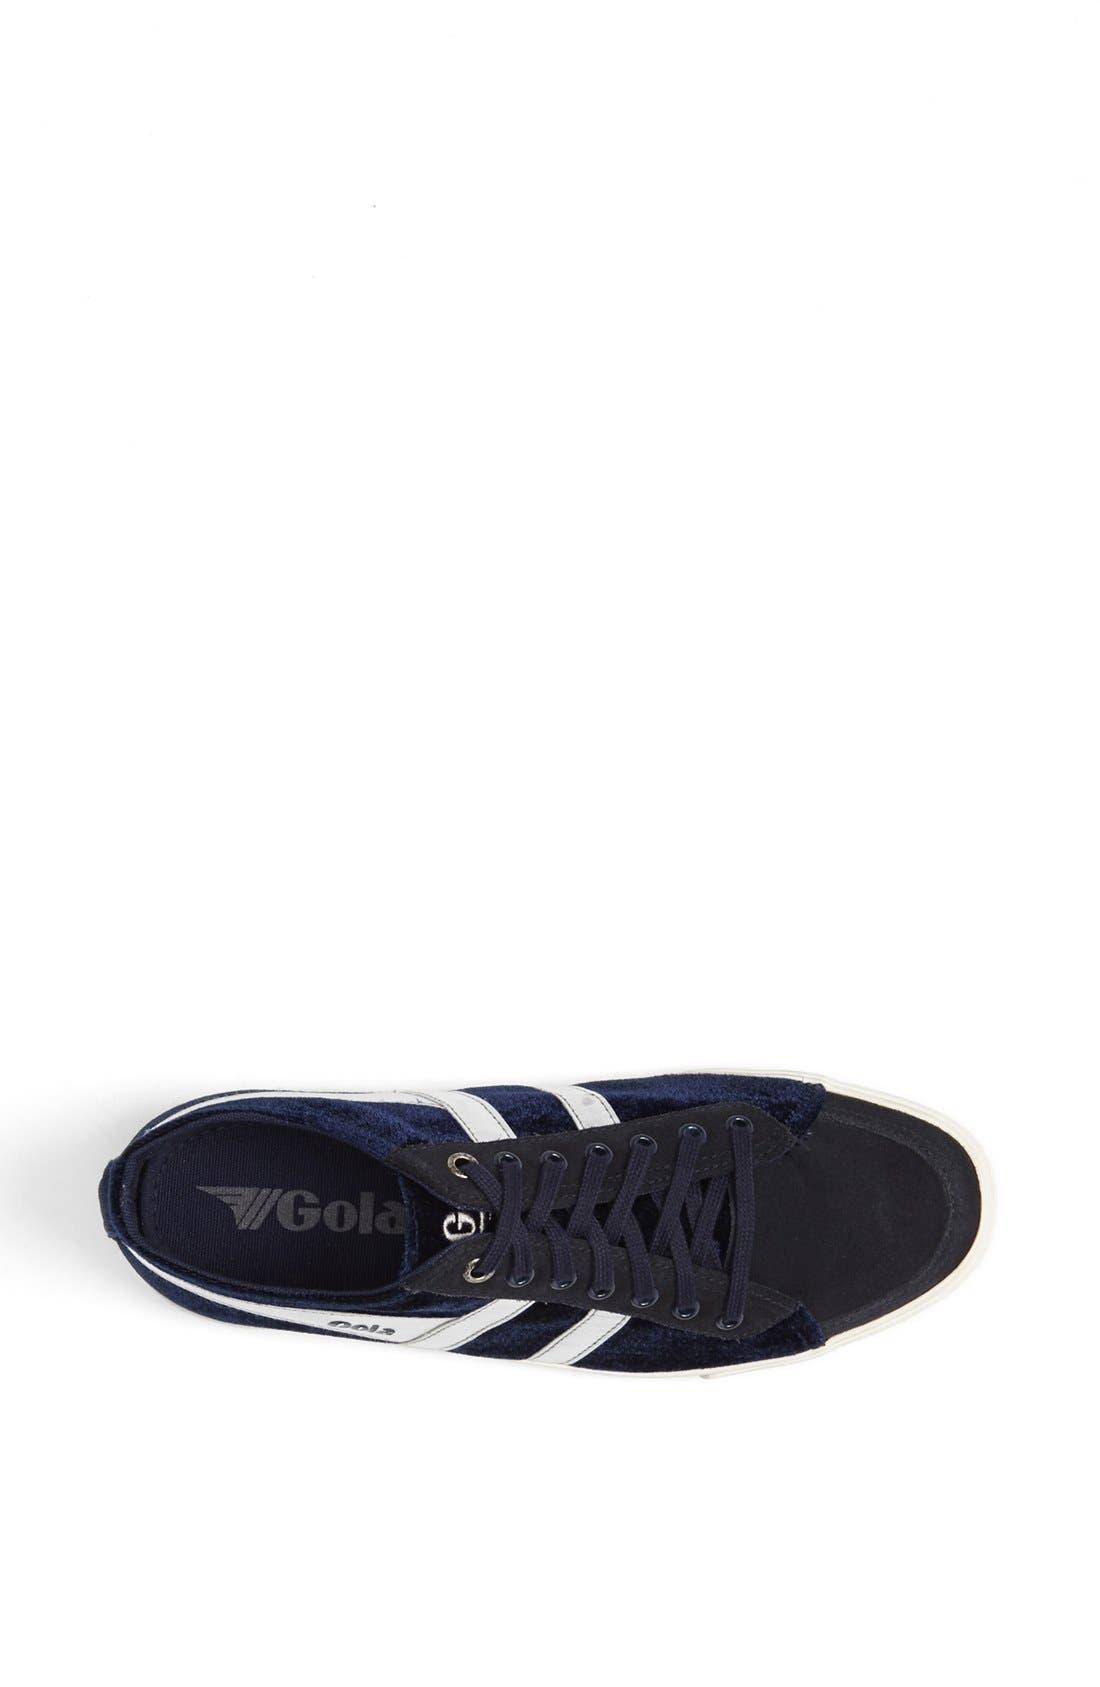 Alternate Image 3  - Gola 'Quota' Sneaker (Women)